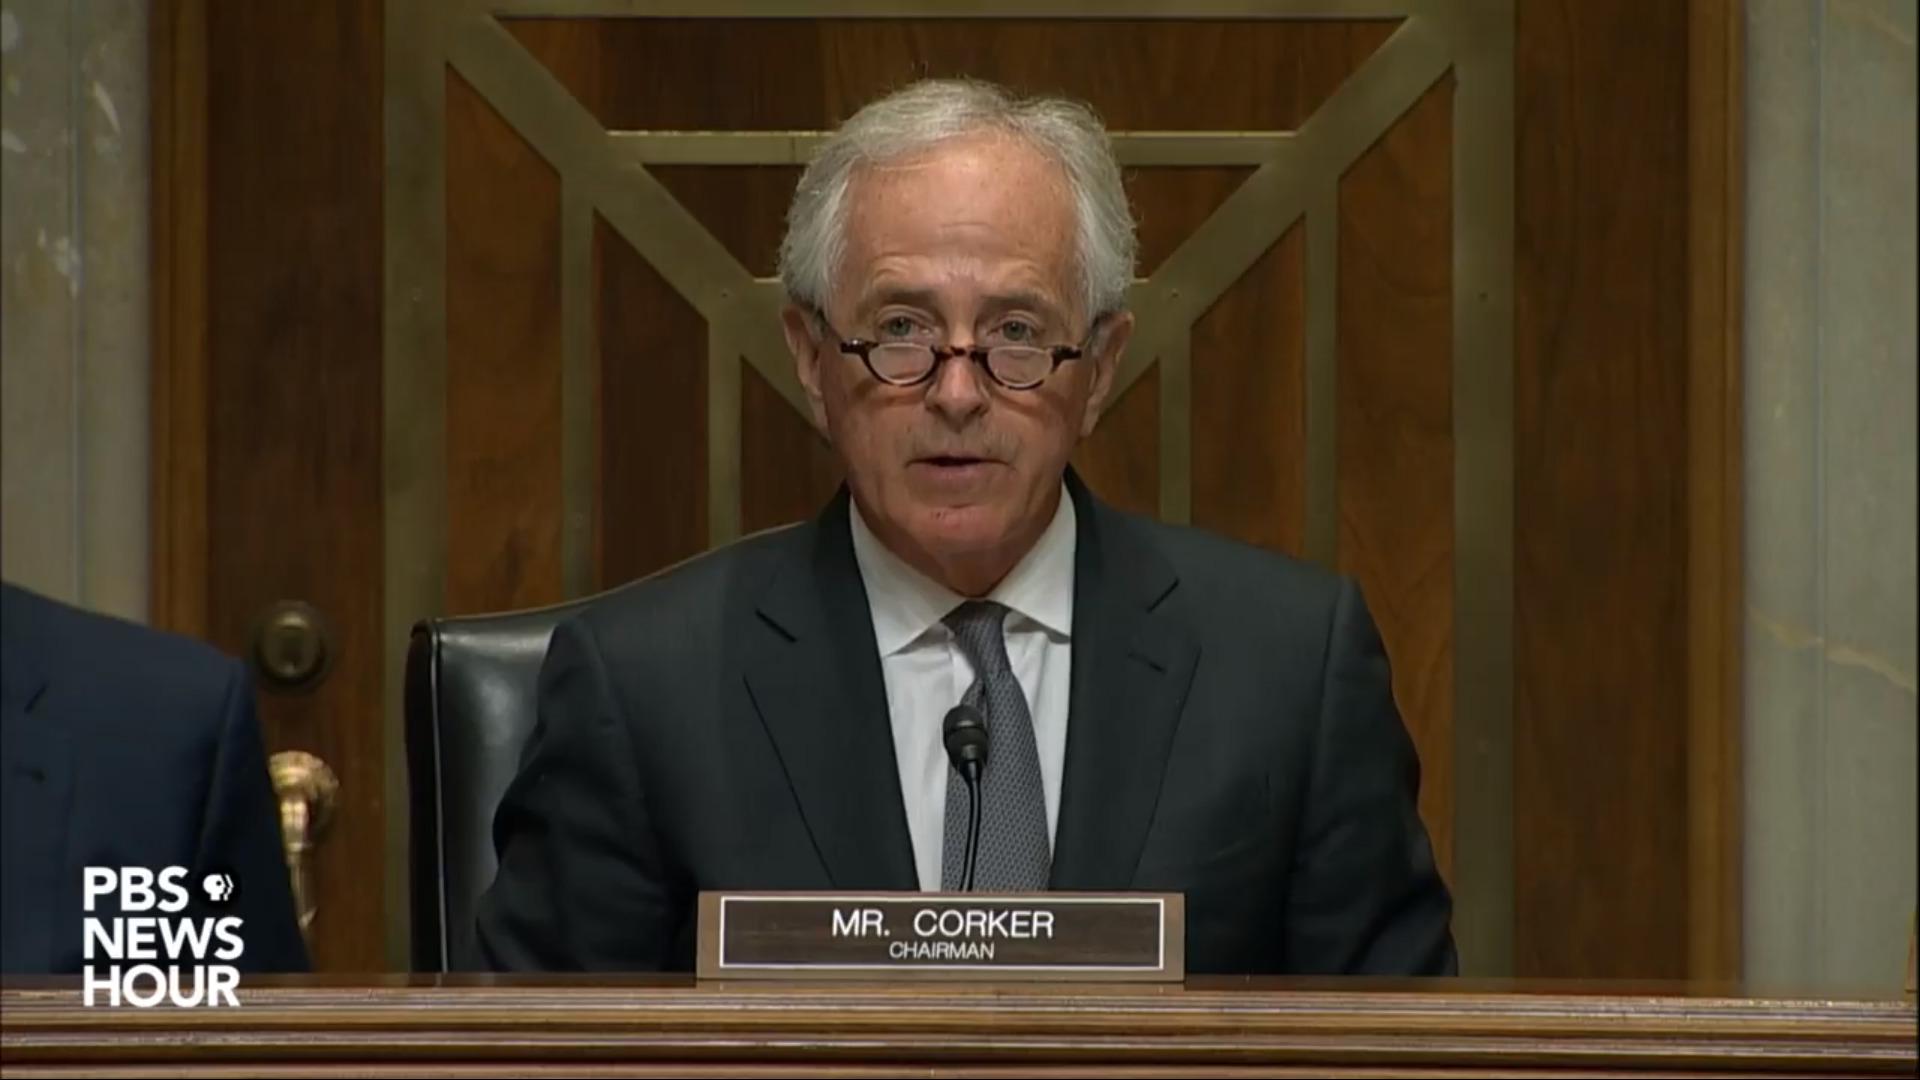 밥 코커 미국 상원 외교위원장이 14일 대통령의 핵무기 발사명령 권한 청문회에서 발언하고 있다.[유튜브 촬영]